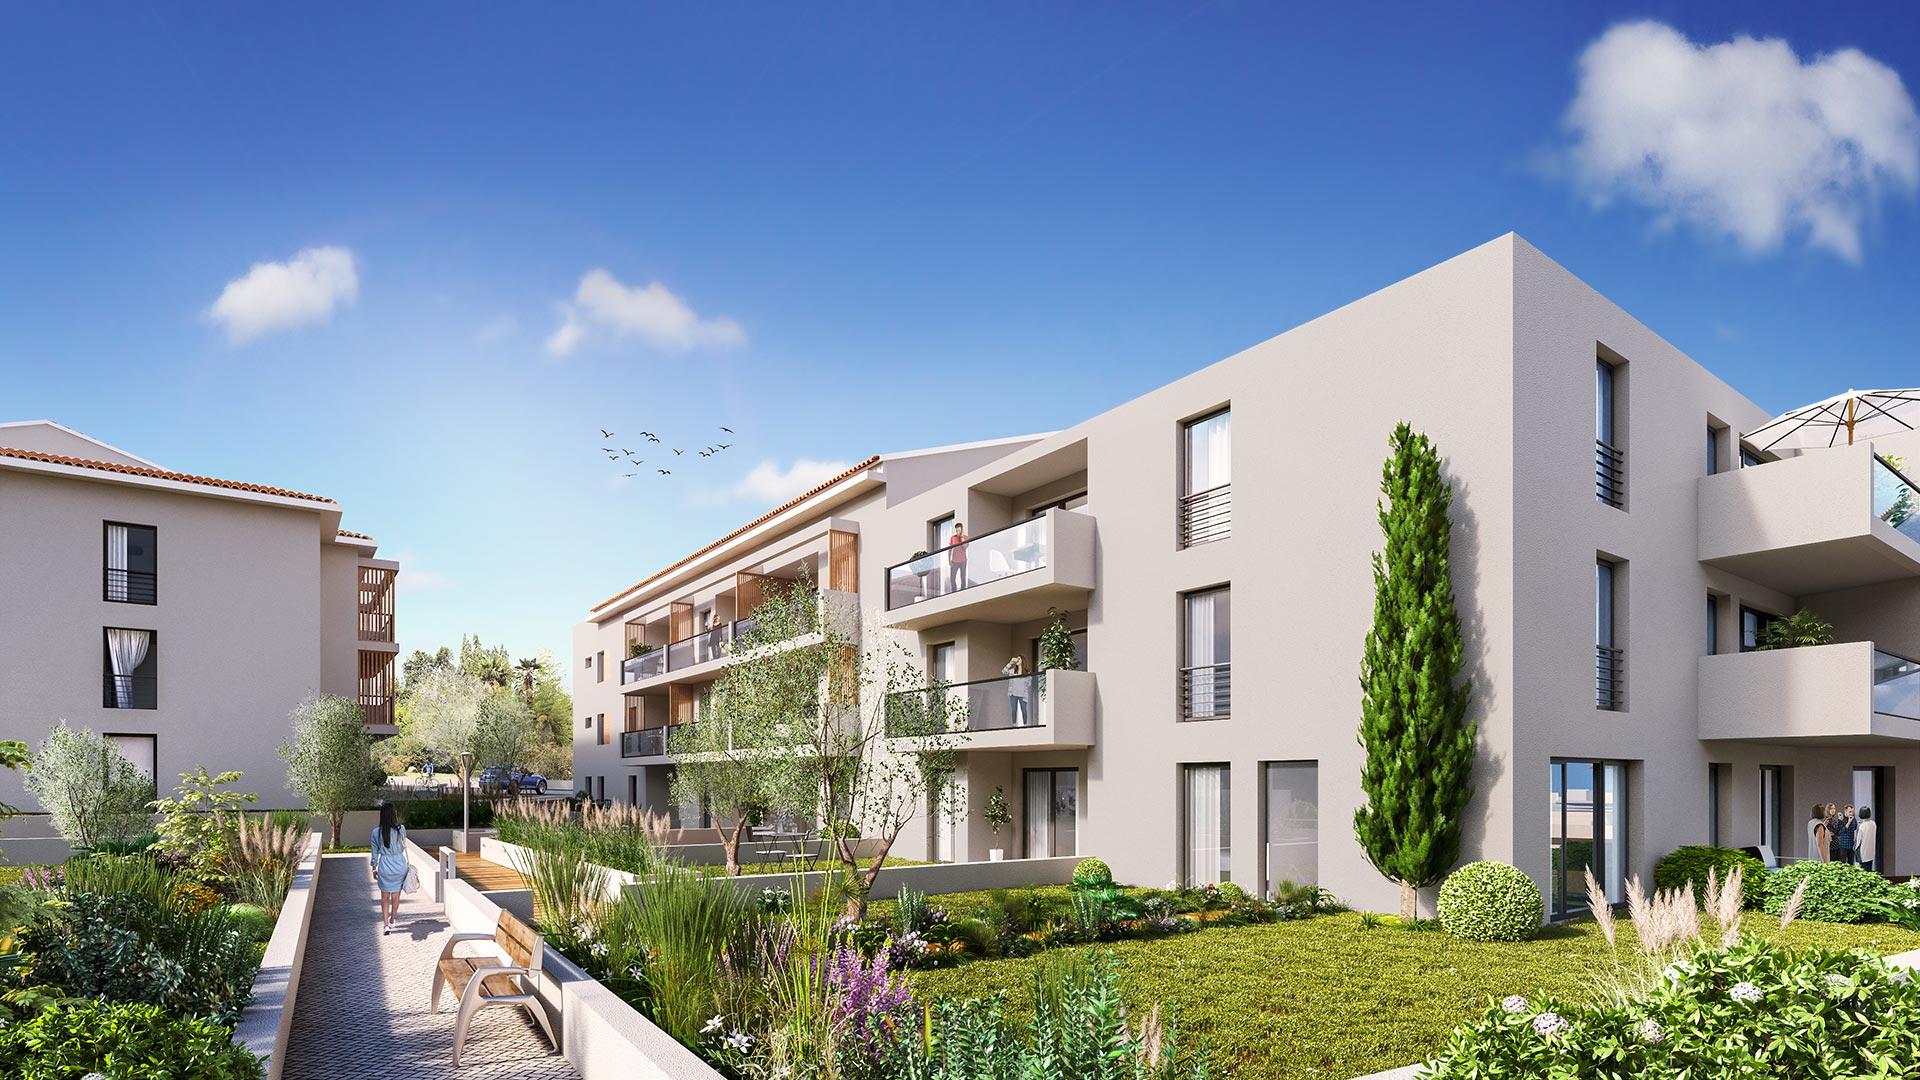 Jardin de So (Vue de jour) - Solliès Pont